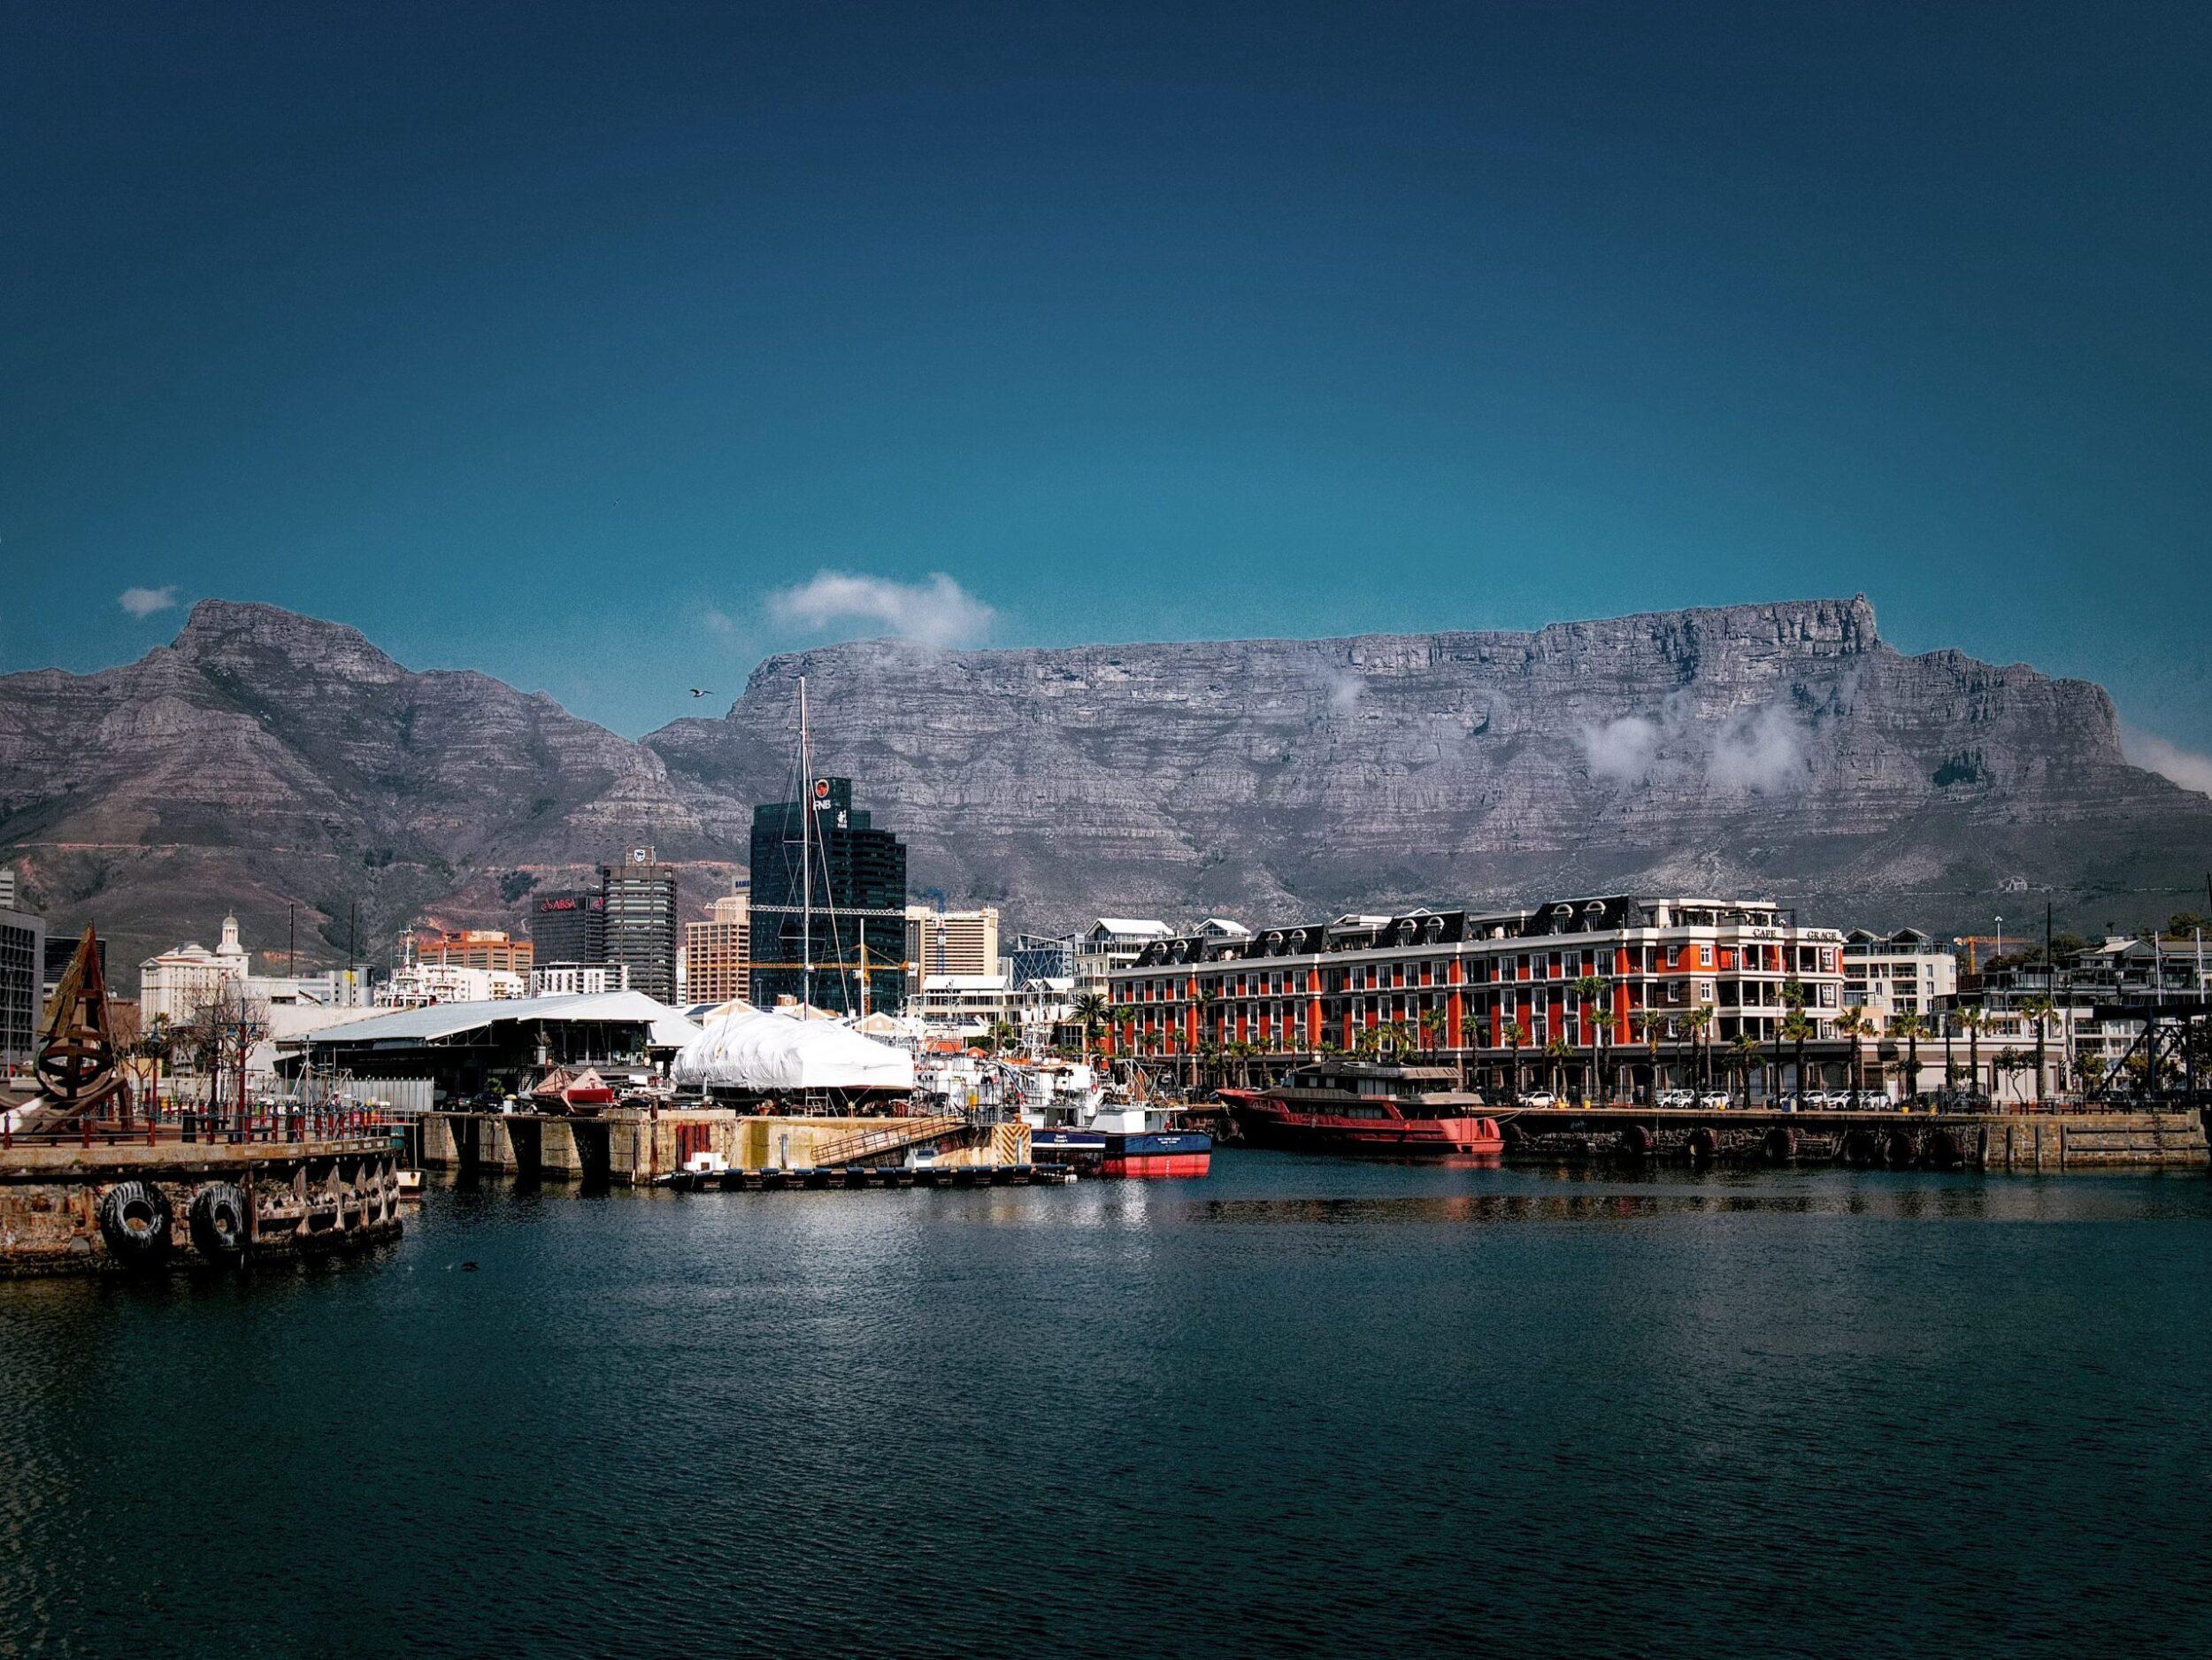 Cape Town resort, Photo by Matthias Mullie on Unsplash